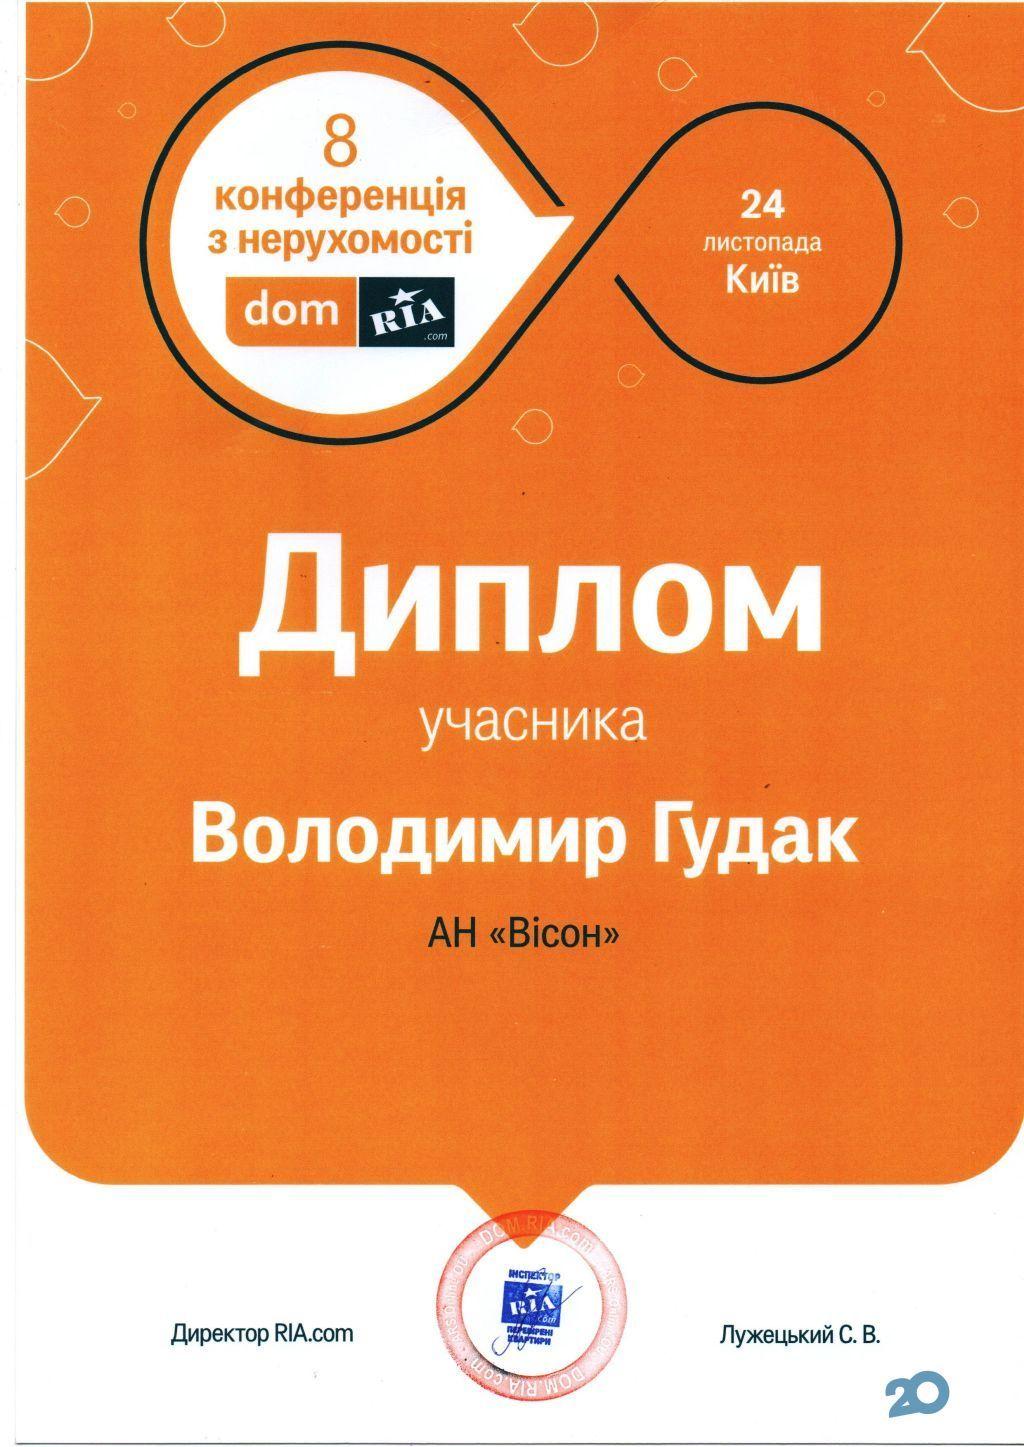 ВИСОН, агенство недвижимости - фото 9